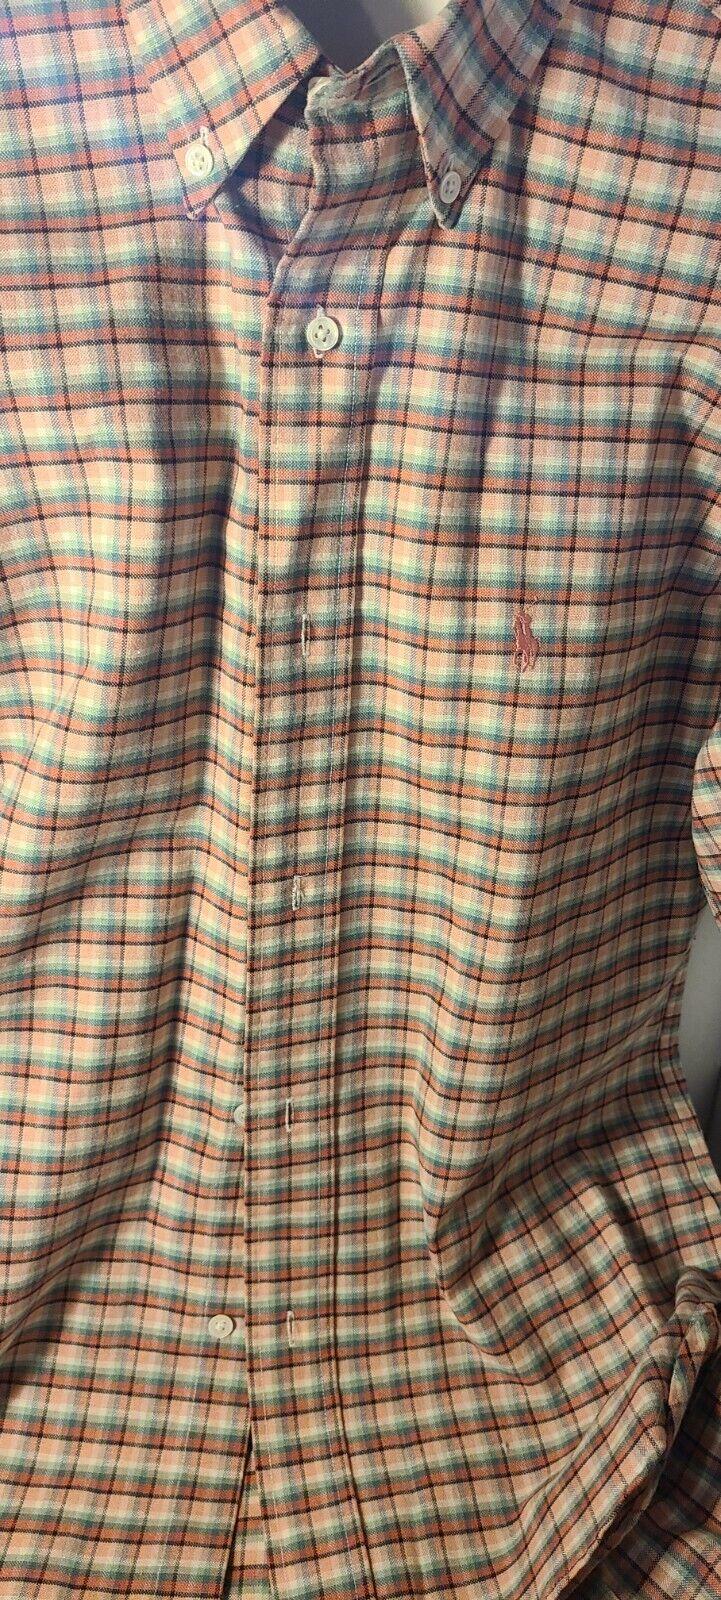 Vintage 1980s Ralph Lauren Plaid Button Down.  - image 1